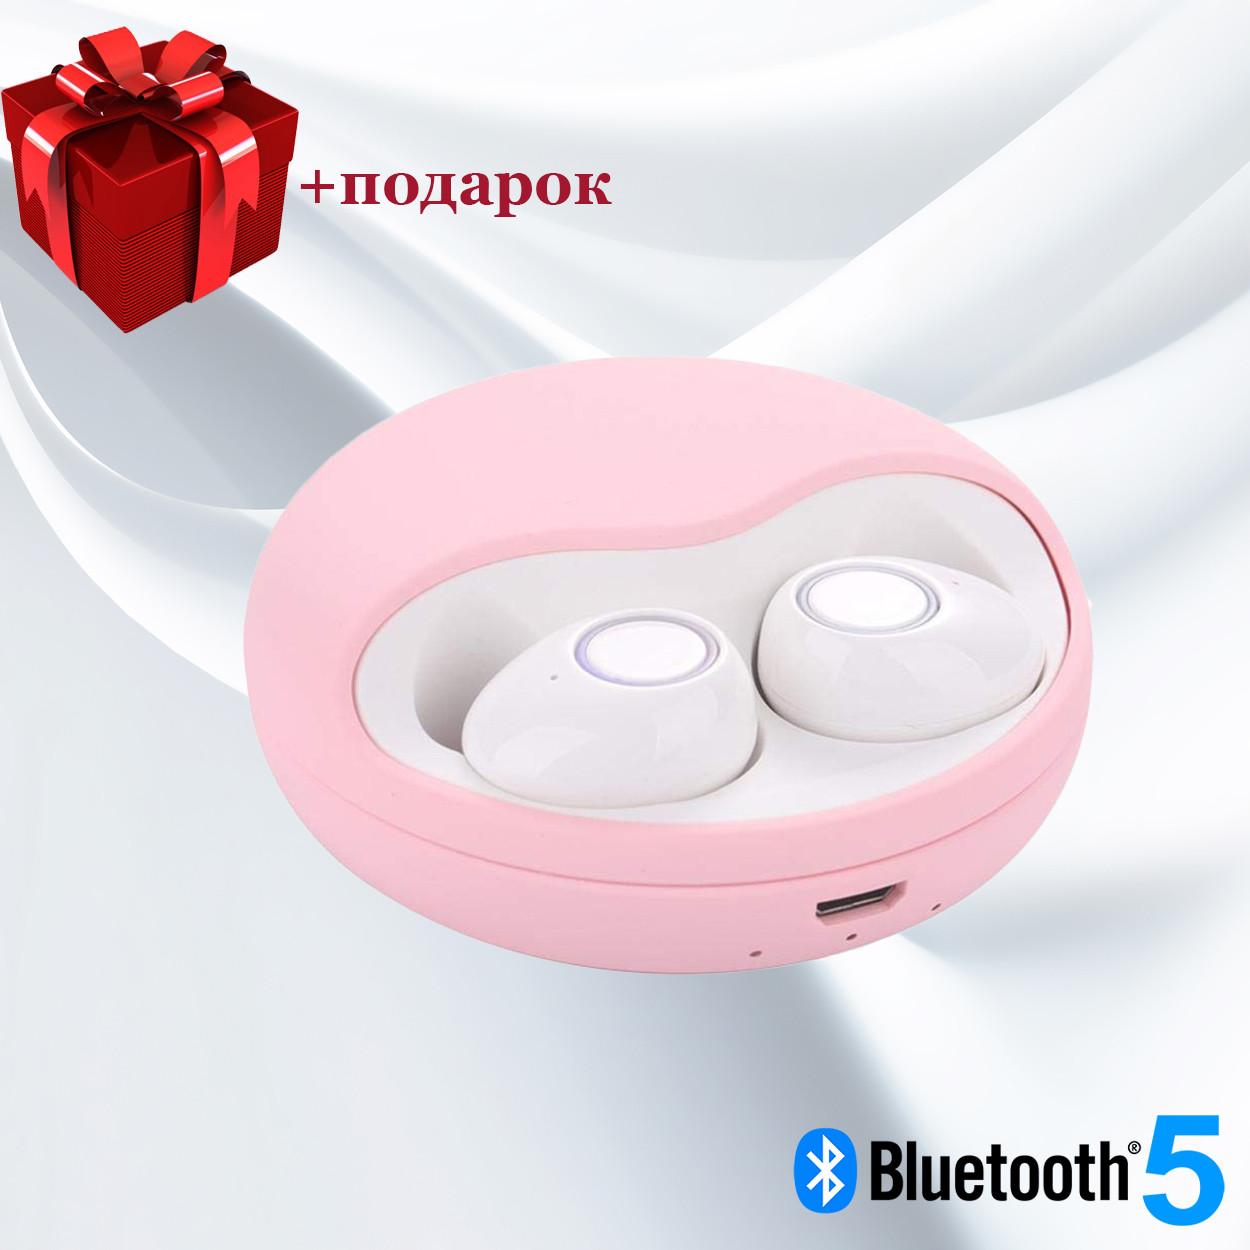 Навушники бездротові блютуз-гарнітура з зарядним кейсом 500 мА * ч. Wi-pods K10 навушники Bluetooth 5.0 Рожеві